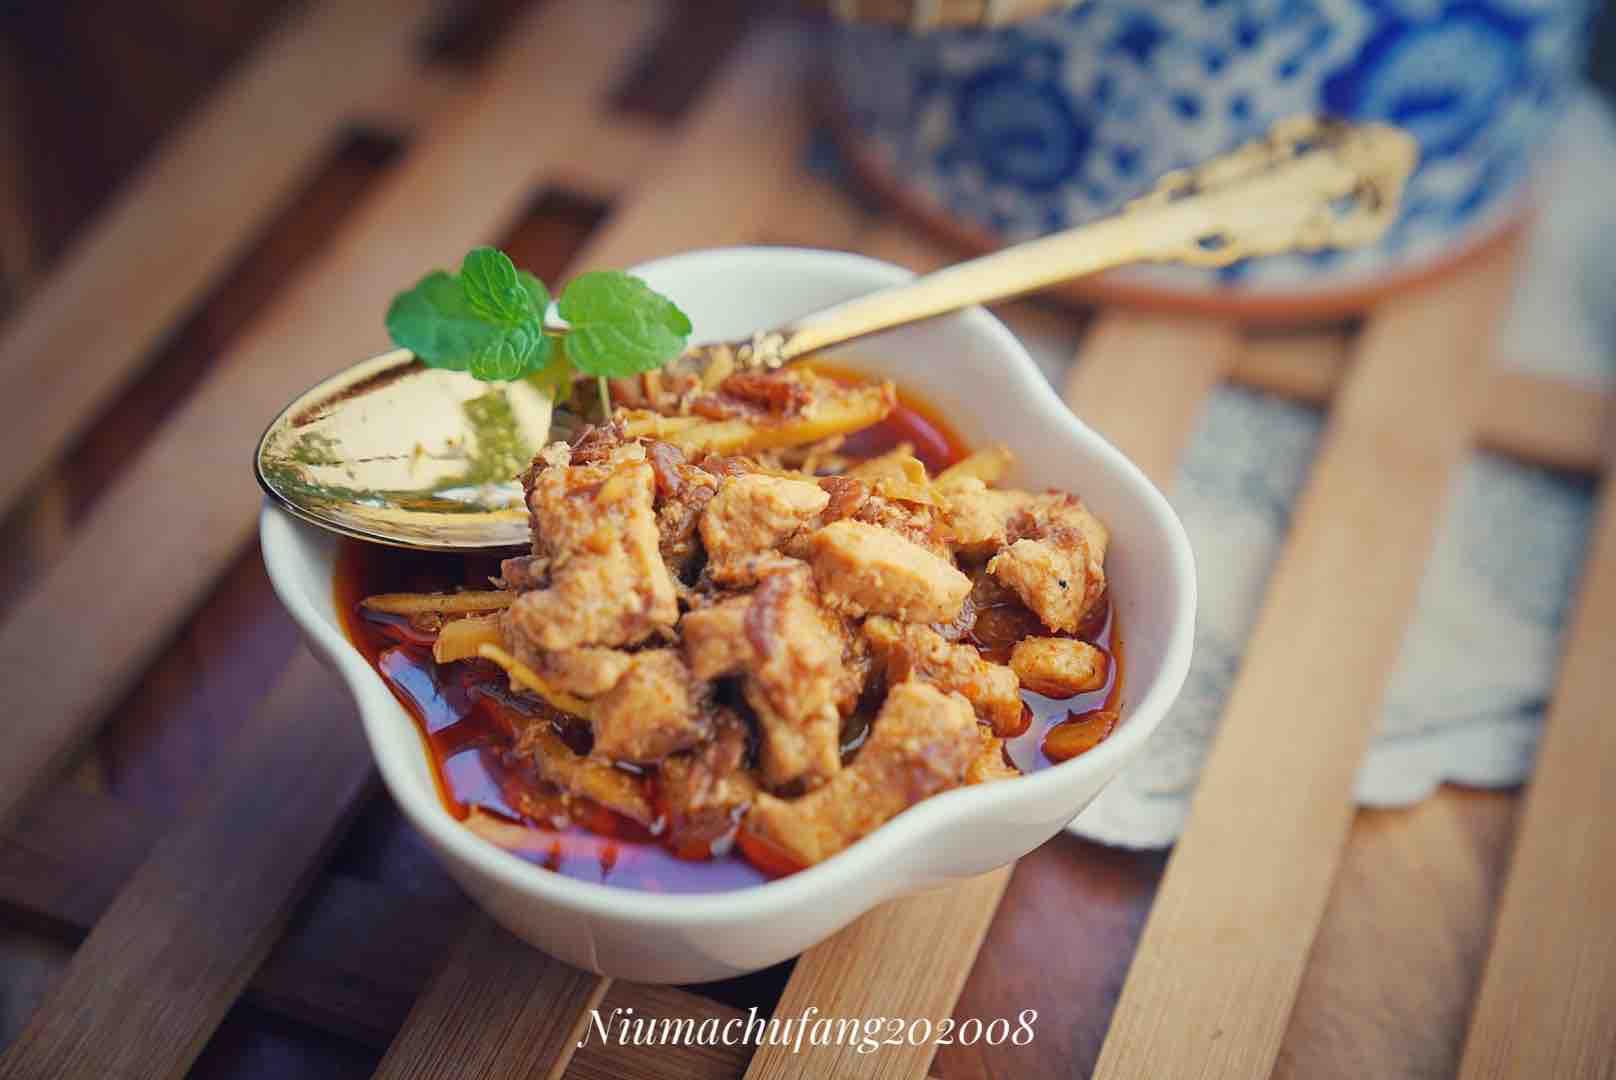 虾蓉酱蒸肉怎么煮